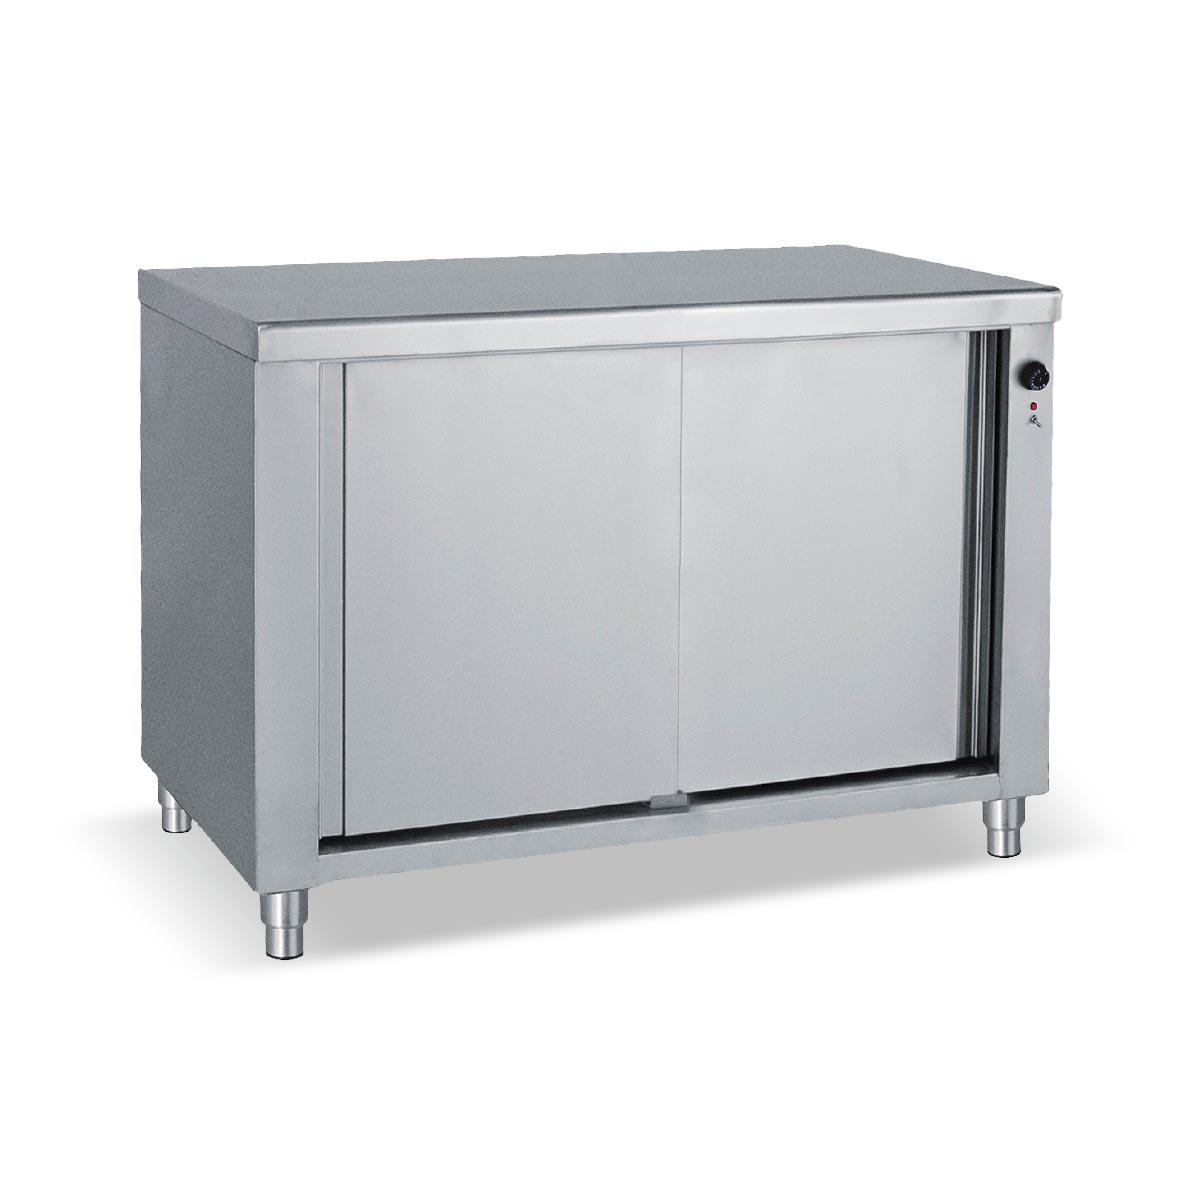 Θερμαινόμενα Με Συρόμενες Πόρτες ( Πλάτος Ερμαρίου: 70cm )